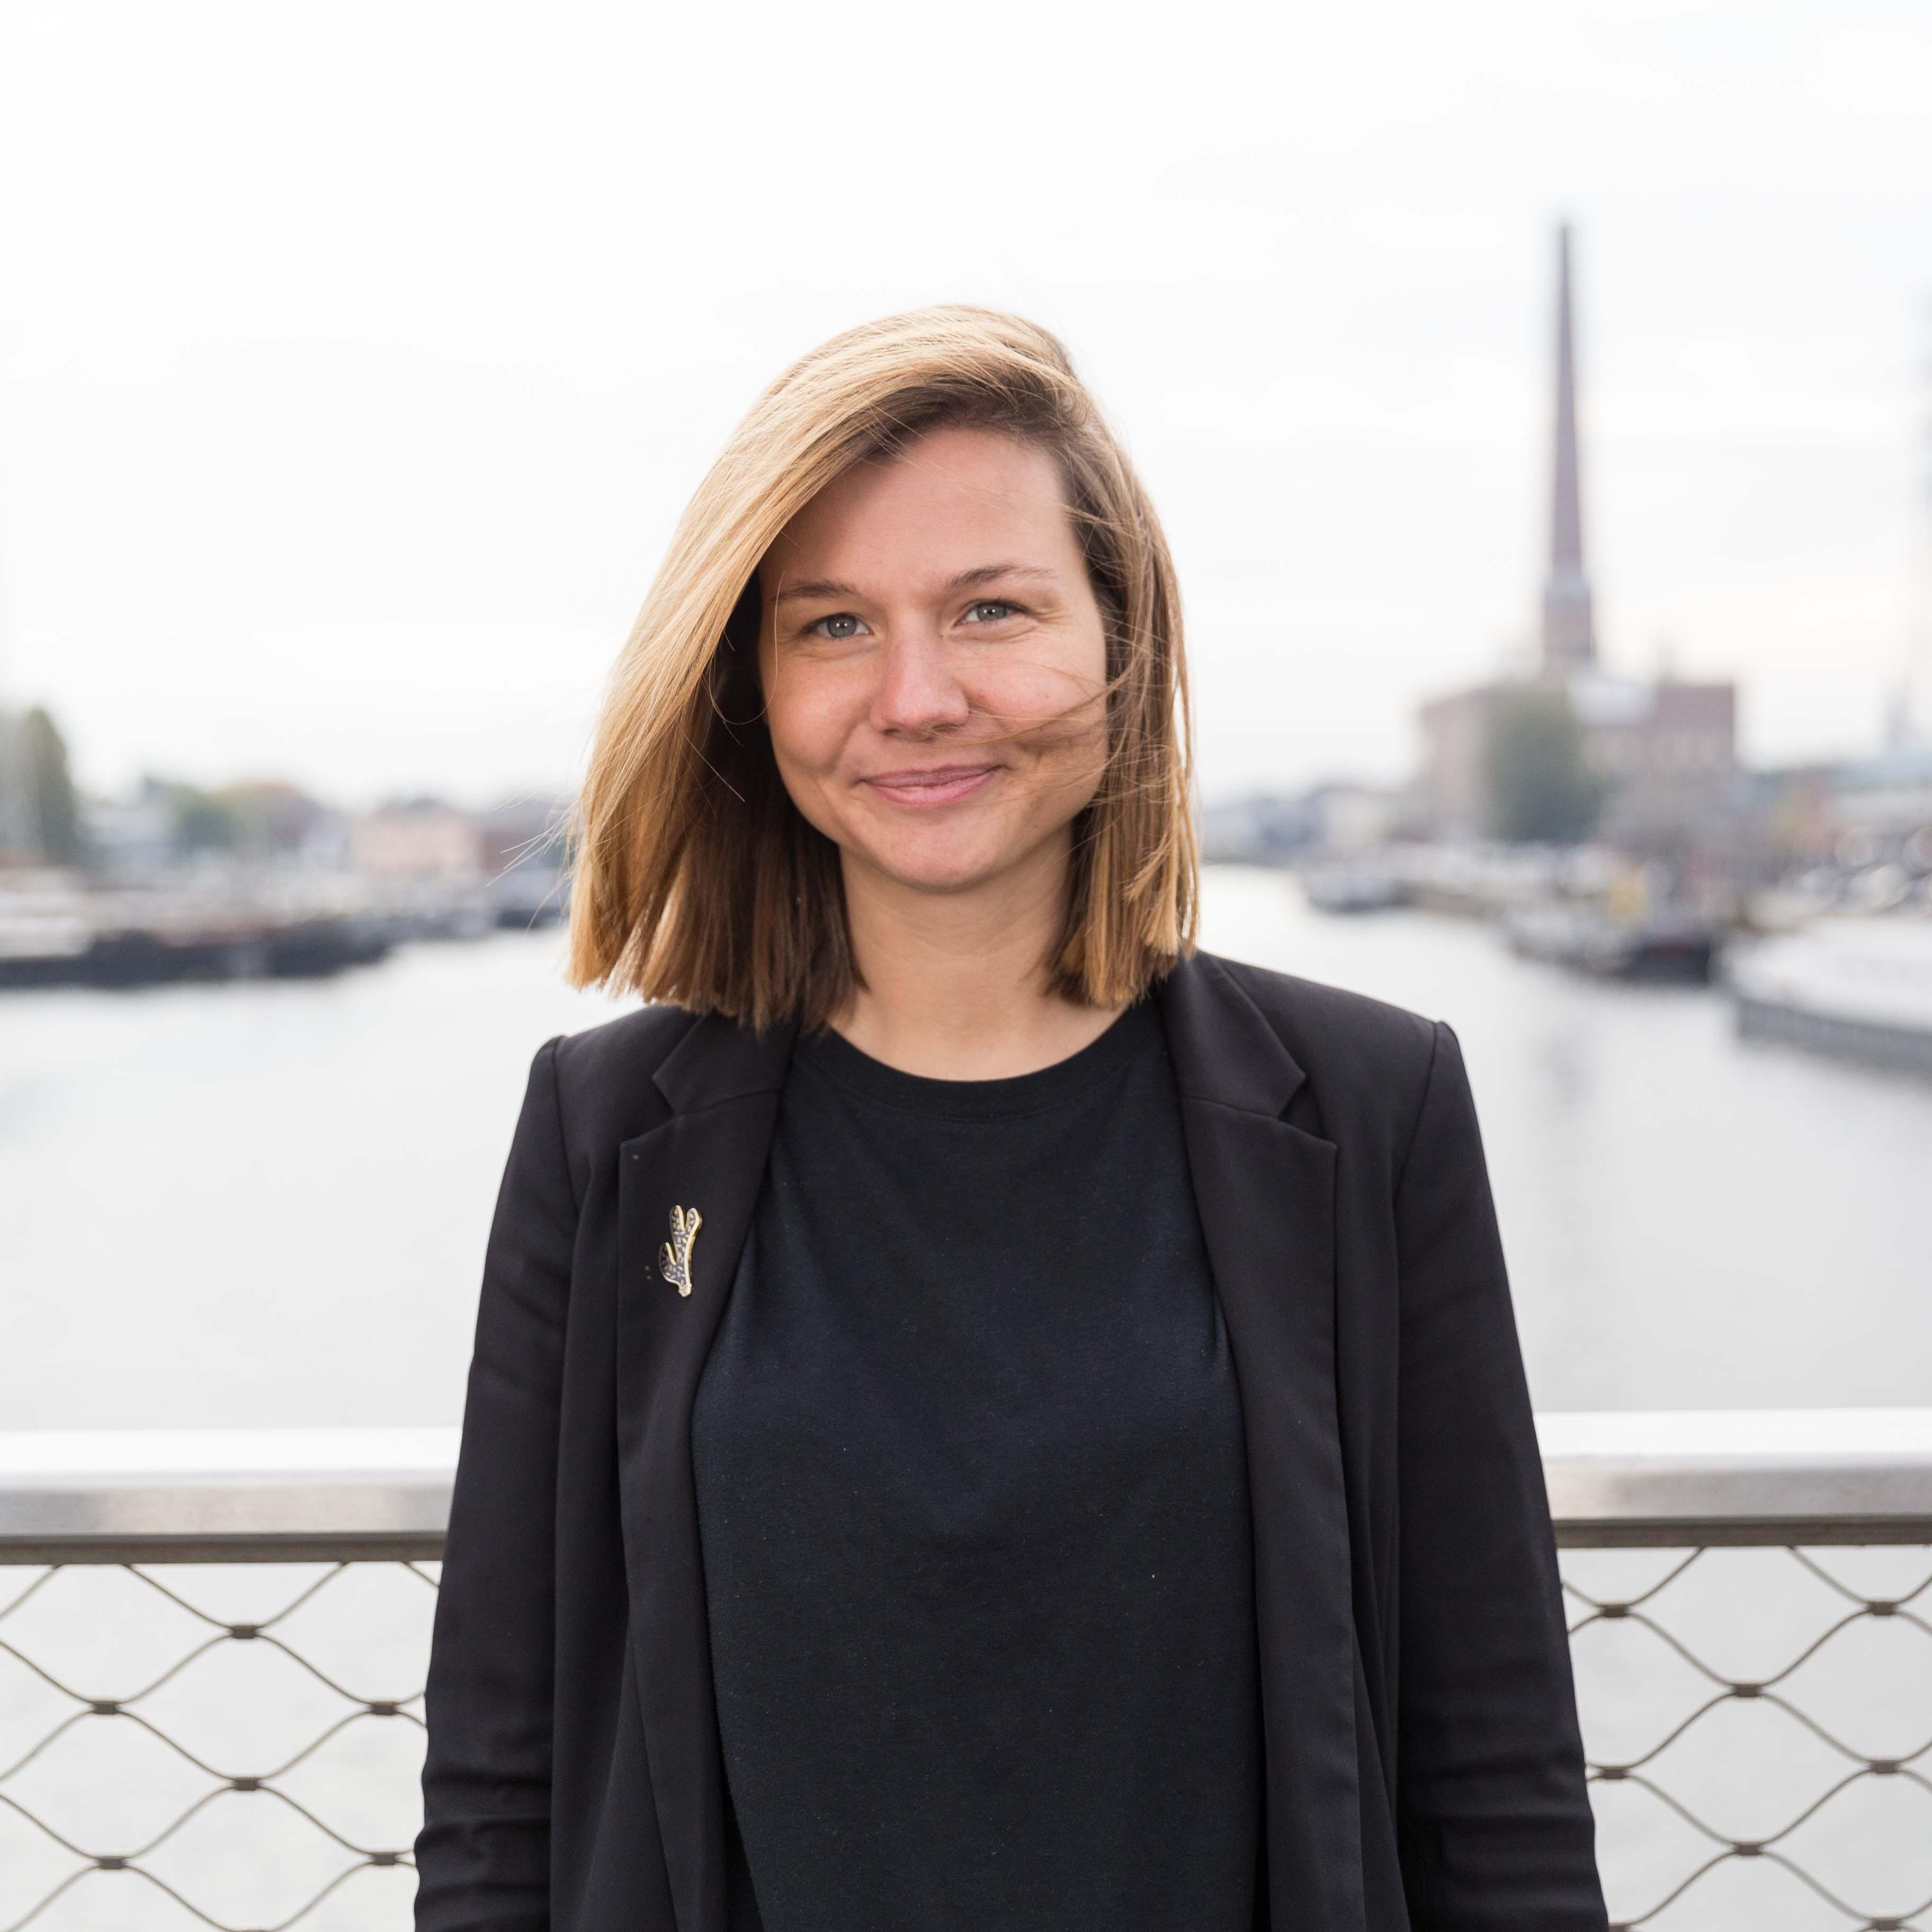 Sofie Dewyn - Customer Onboarding Manager